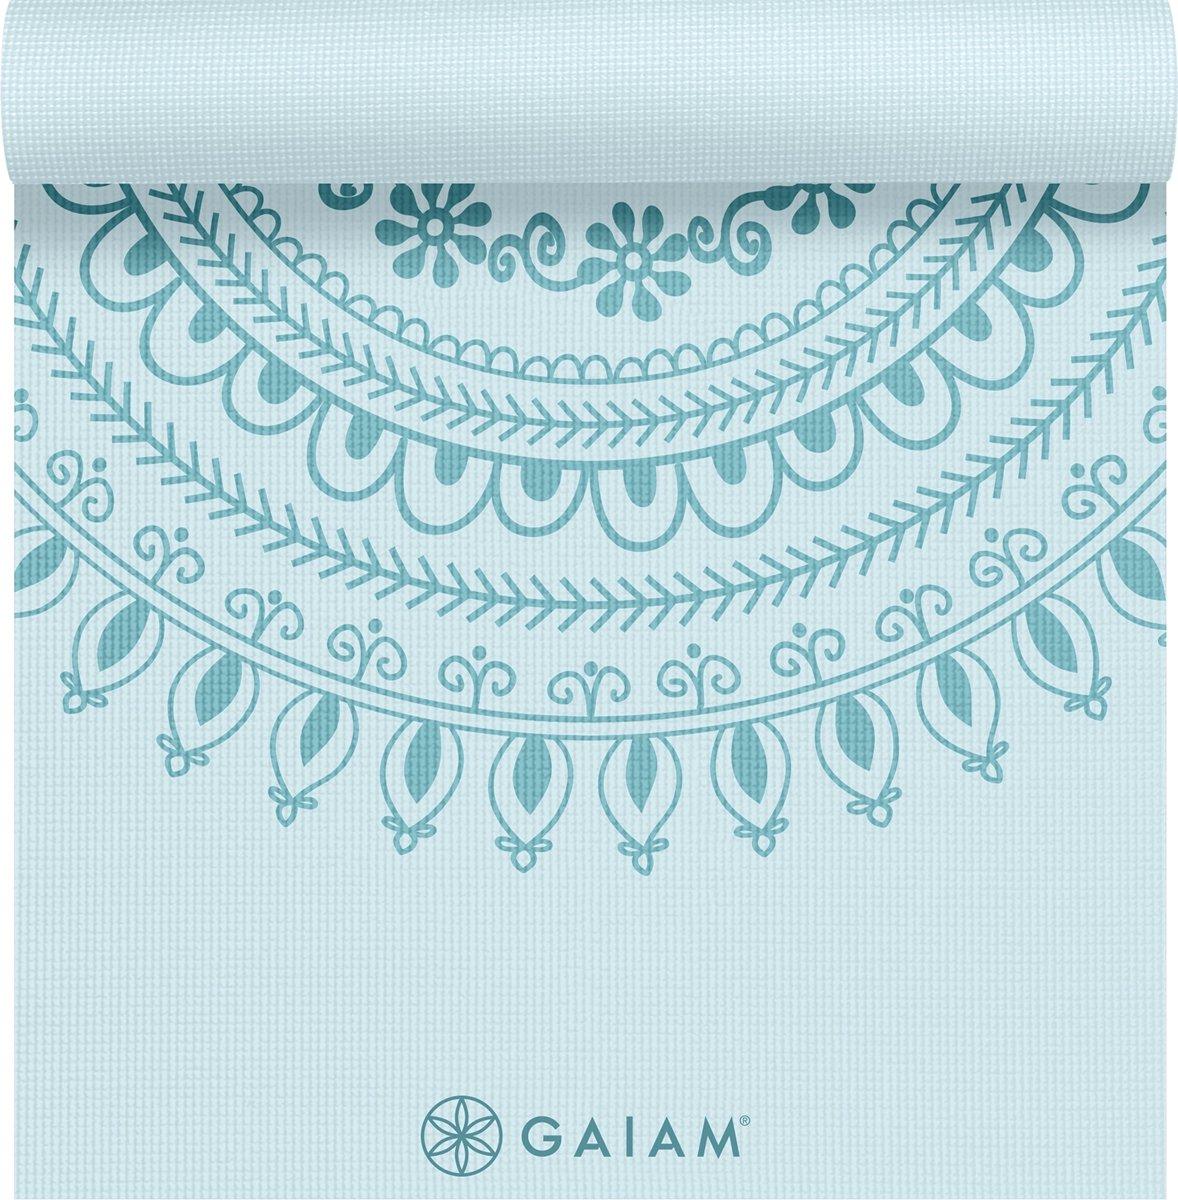 Gaiam Premium Yogamat - 6 mm - Marrakesh